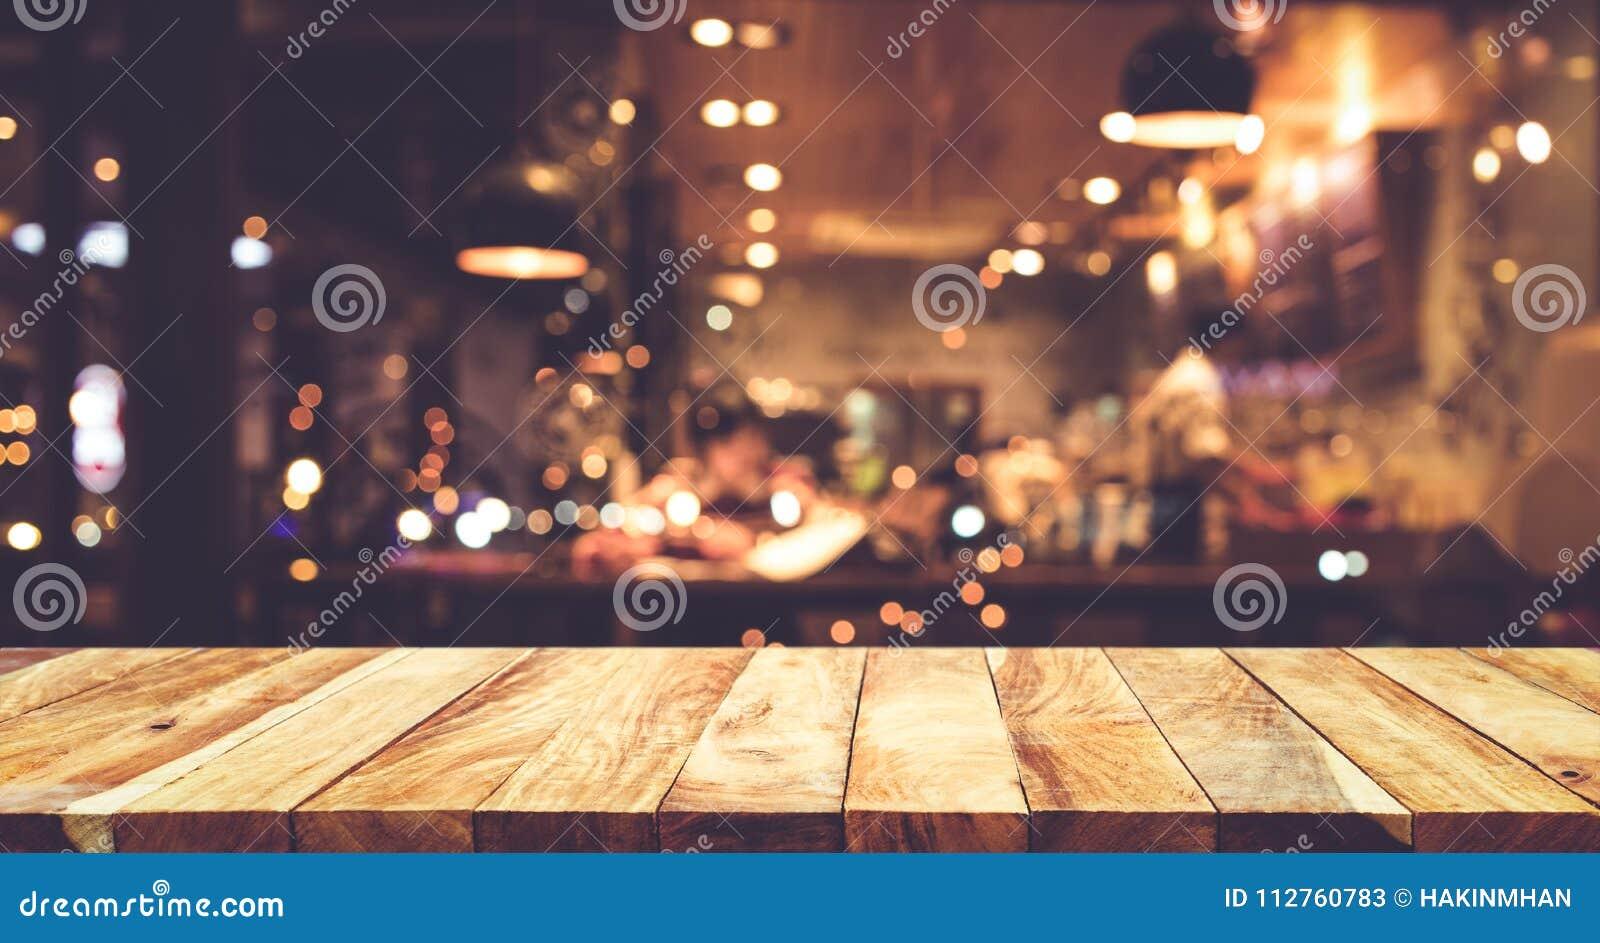 Barra de madeira do tampo da mesa com fundo do café da noite do borrão